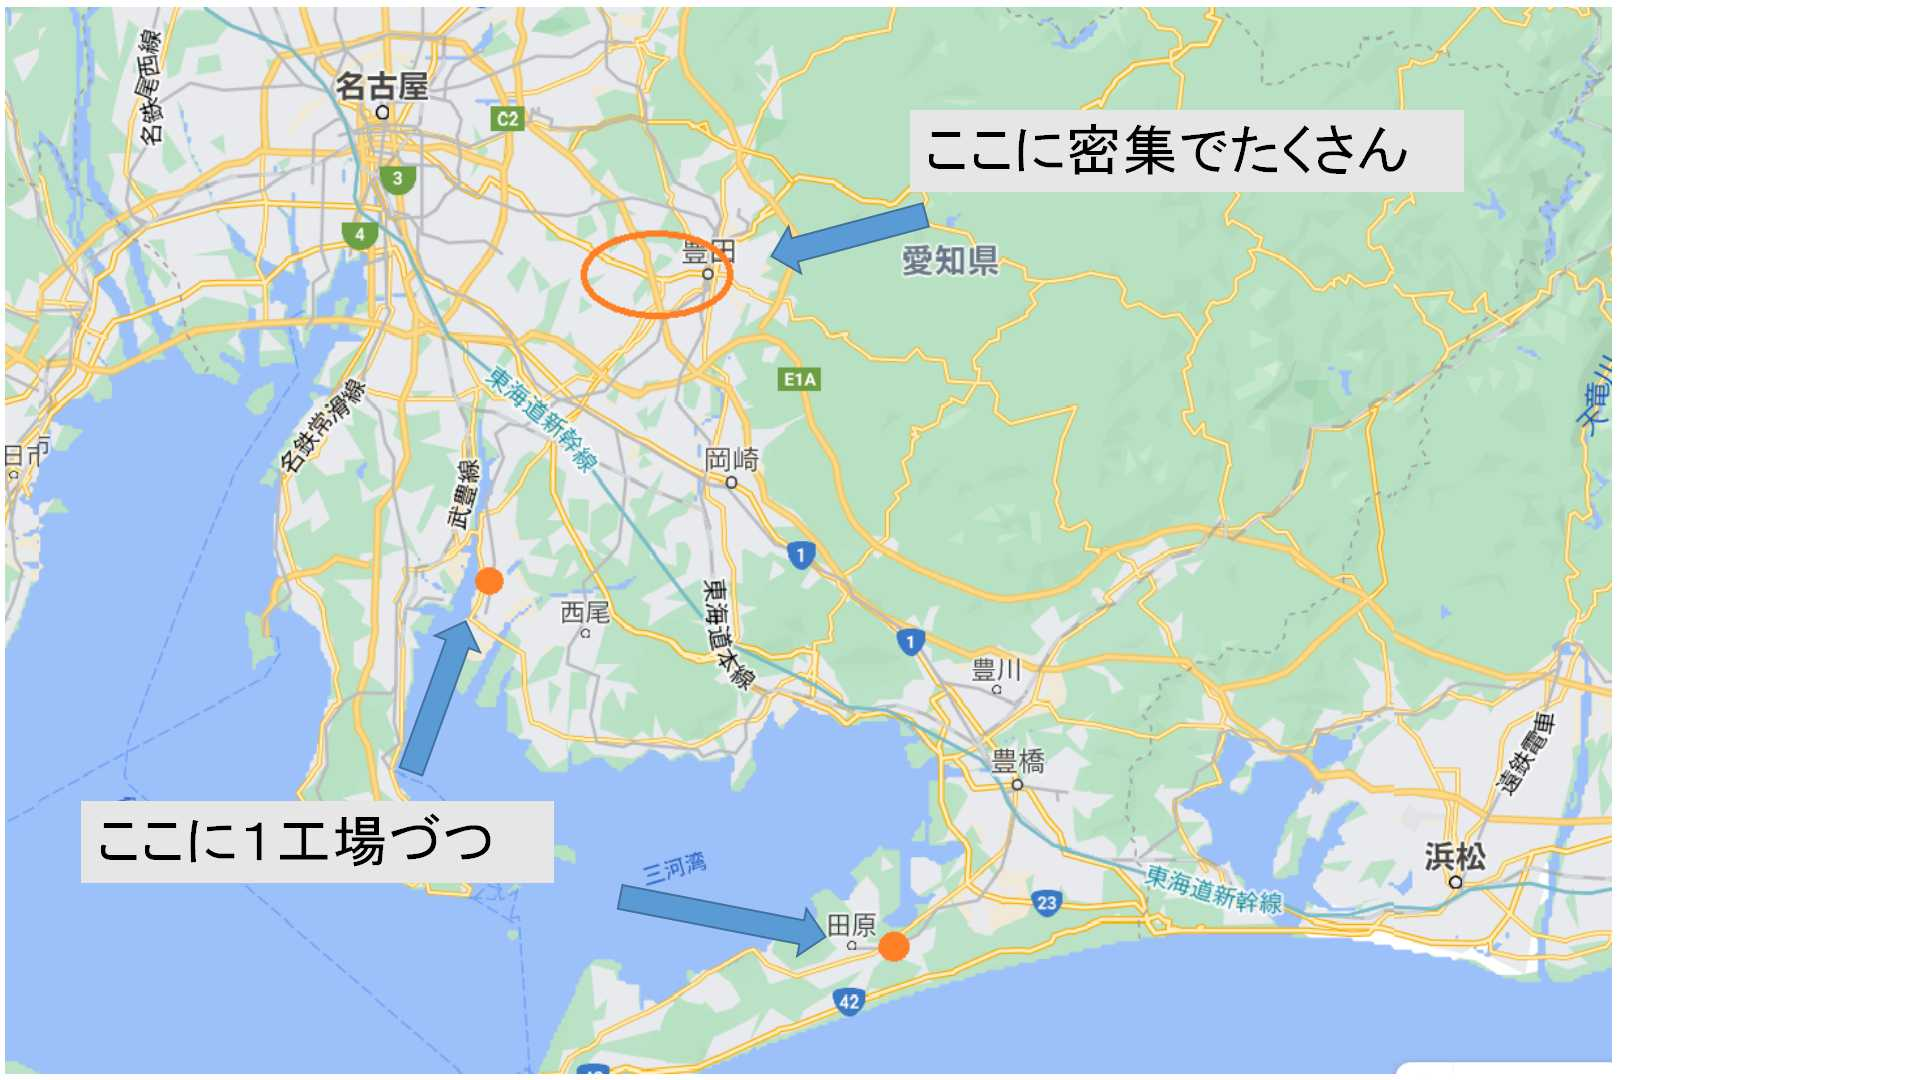 トヨタ工場地図